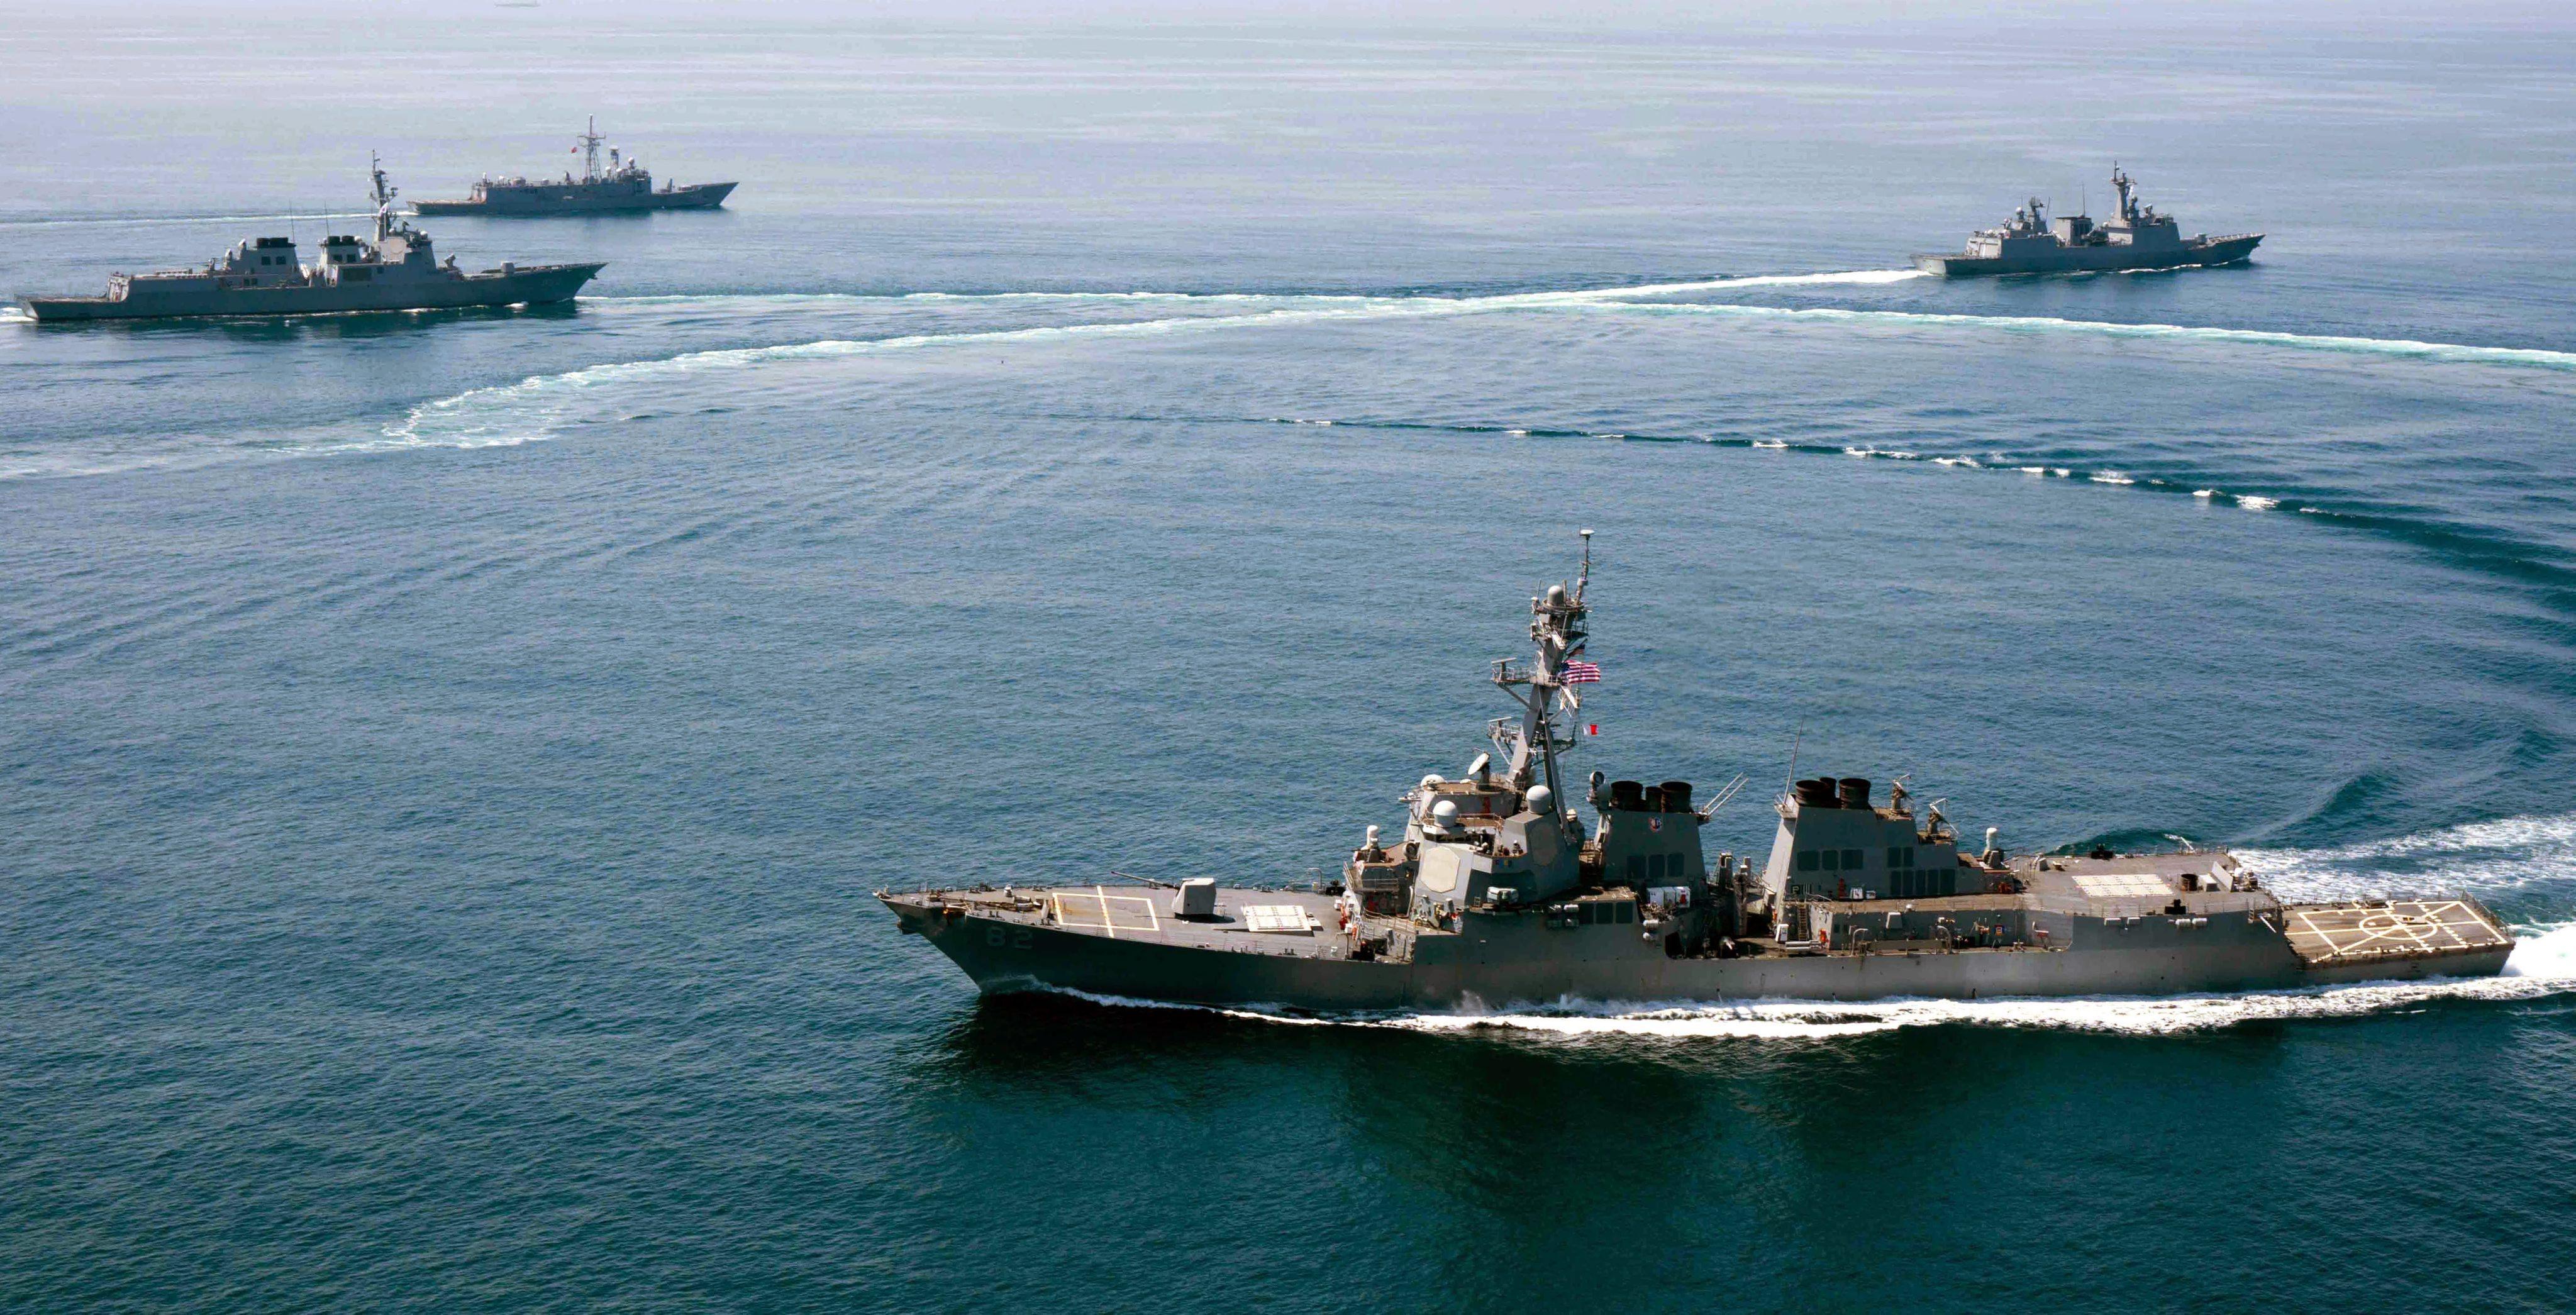 Güney Çin Denizi'nde tansiyon yükseldi: ABD ve Çin donanmaları karşı karşıya